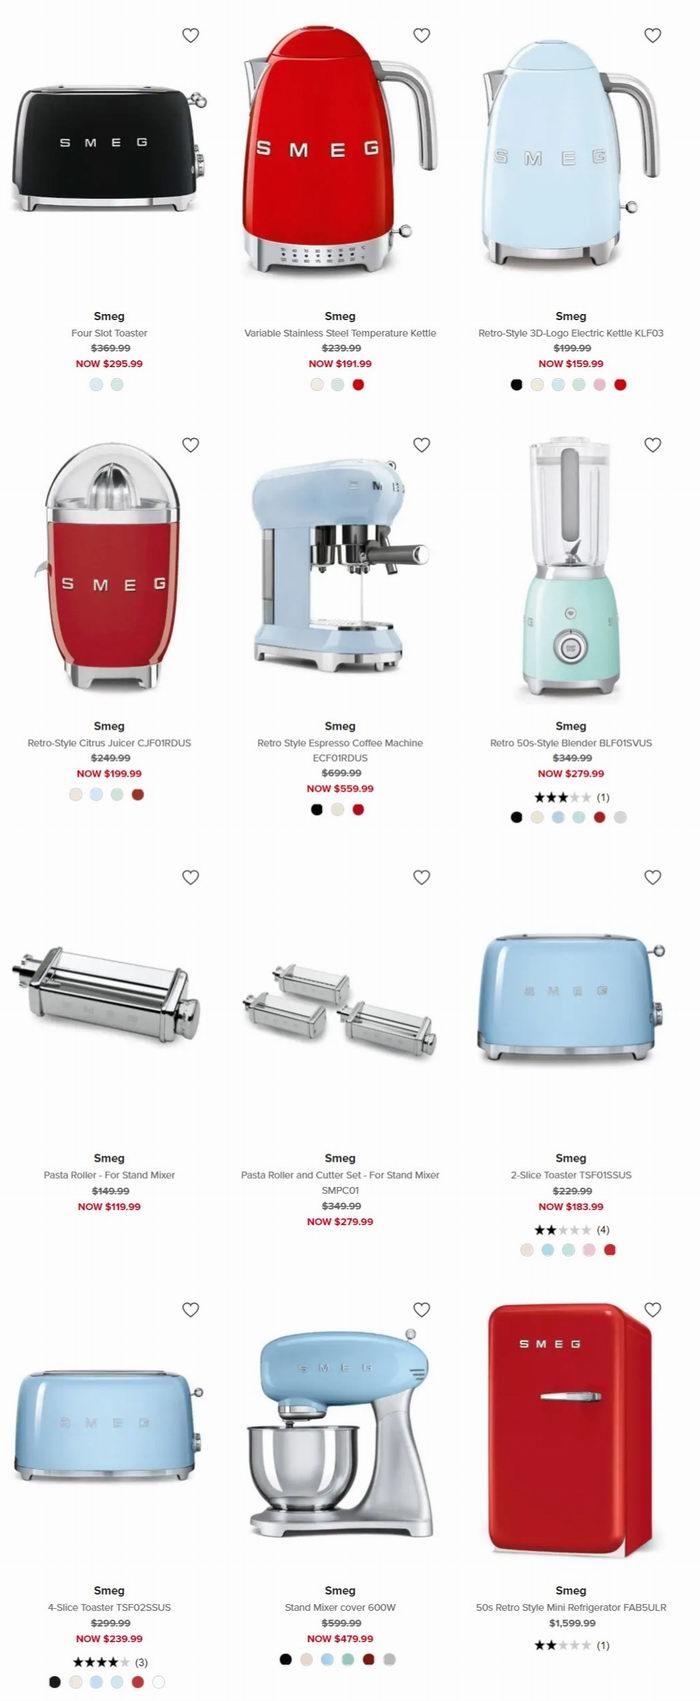 意大利高颜值SMEG厨房用品 8折起+满150加元立减20加元!134.99加元入精美电水壶!